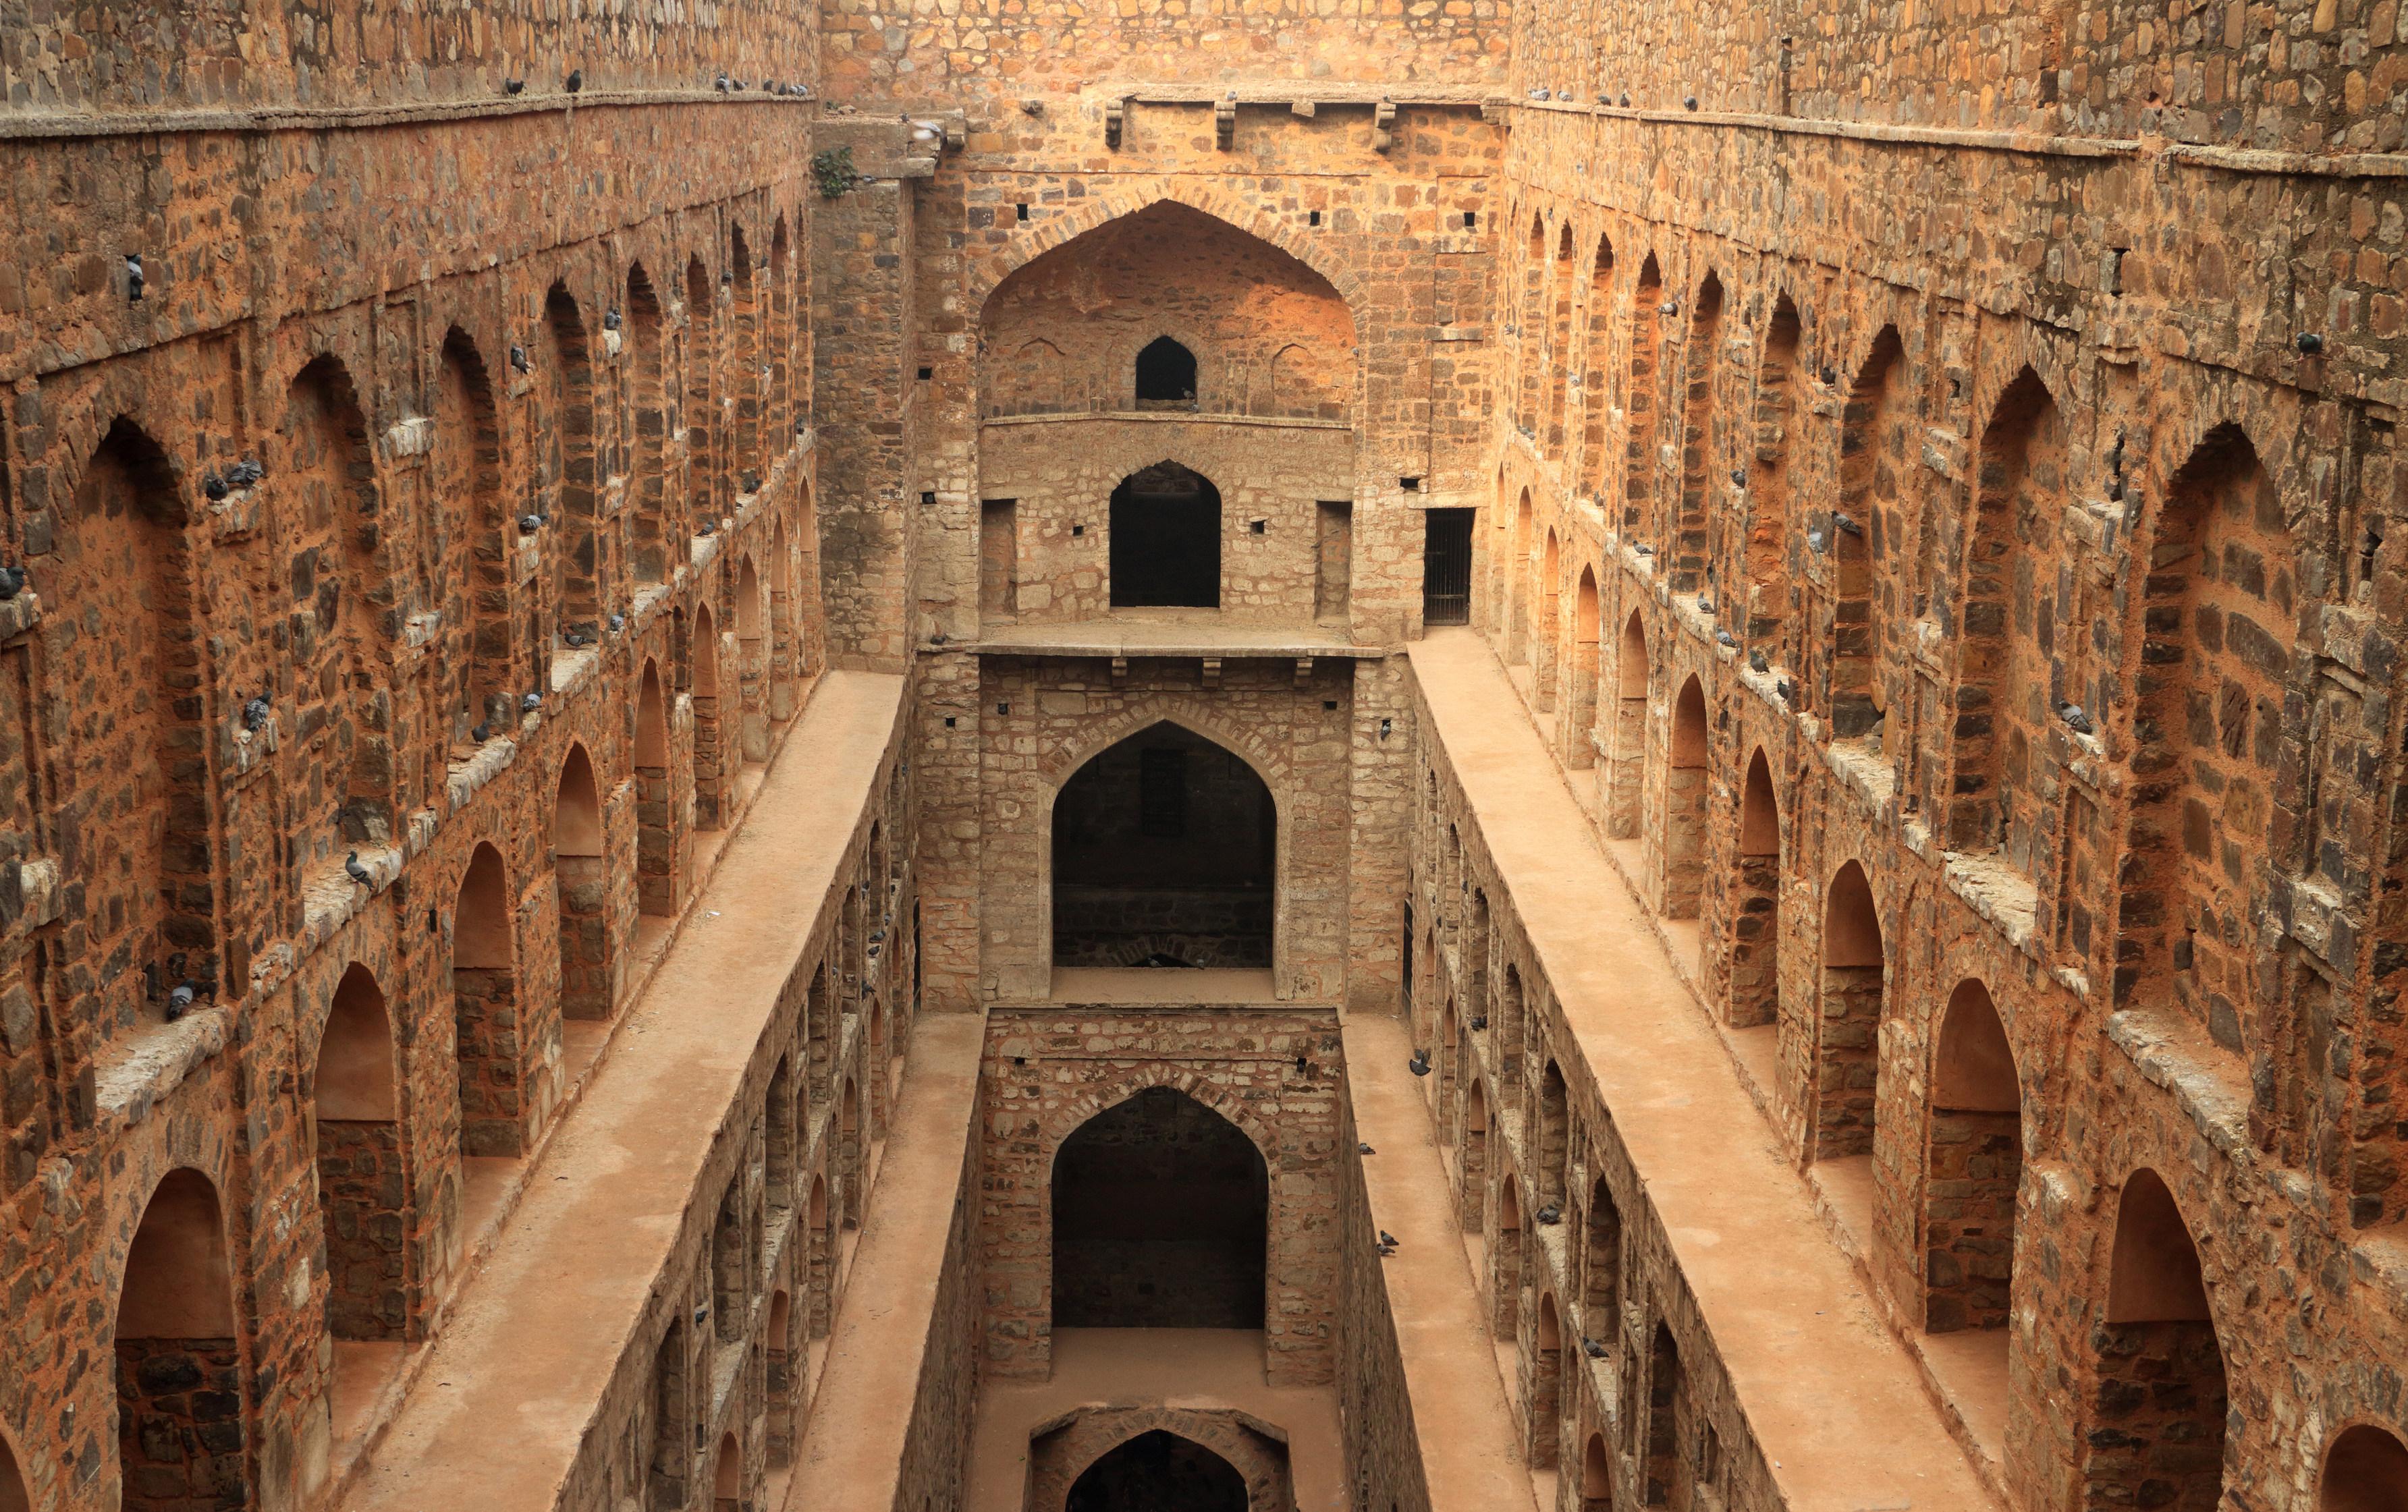 Agrasen Ki Baoli (Step well)